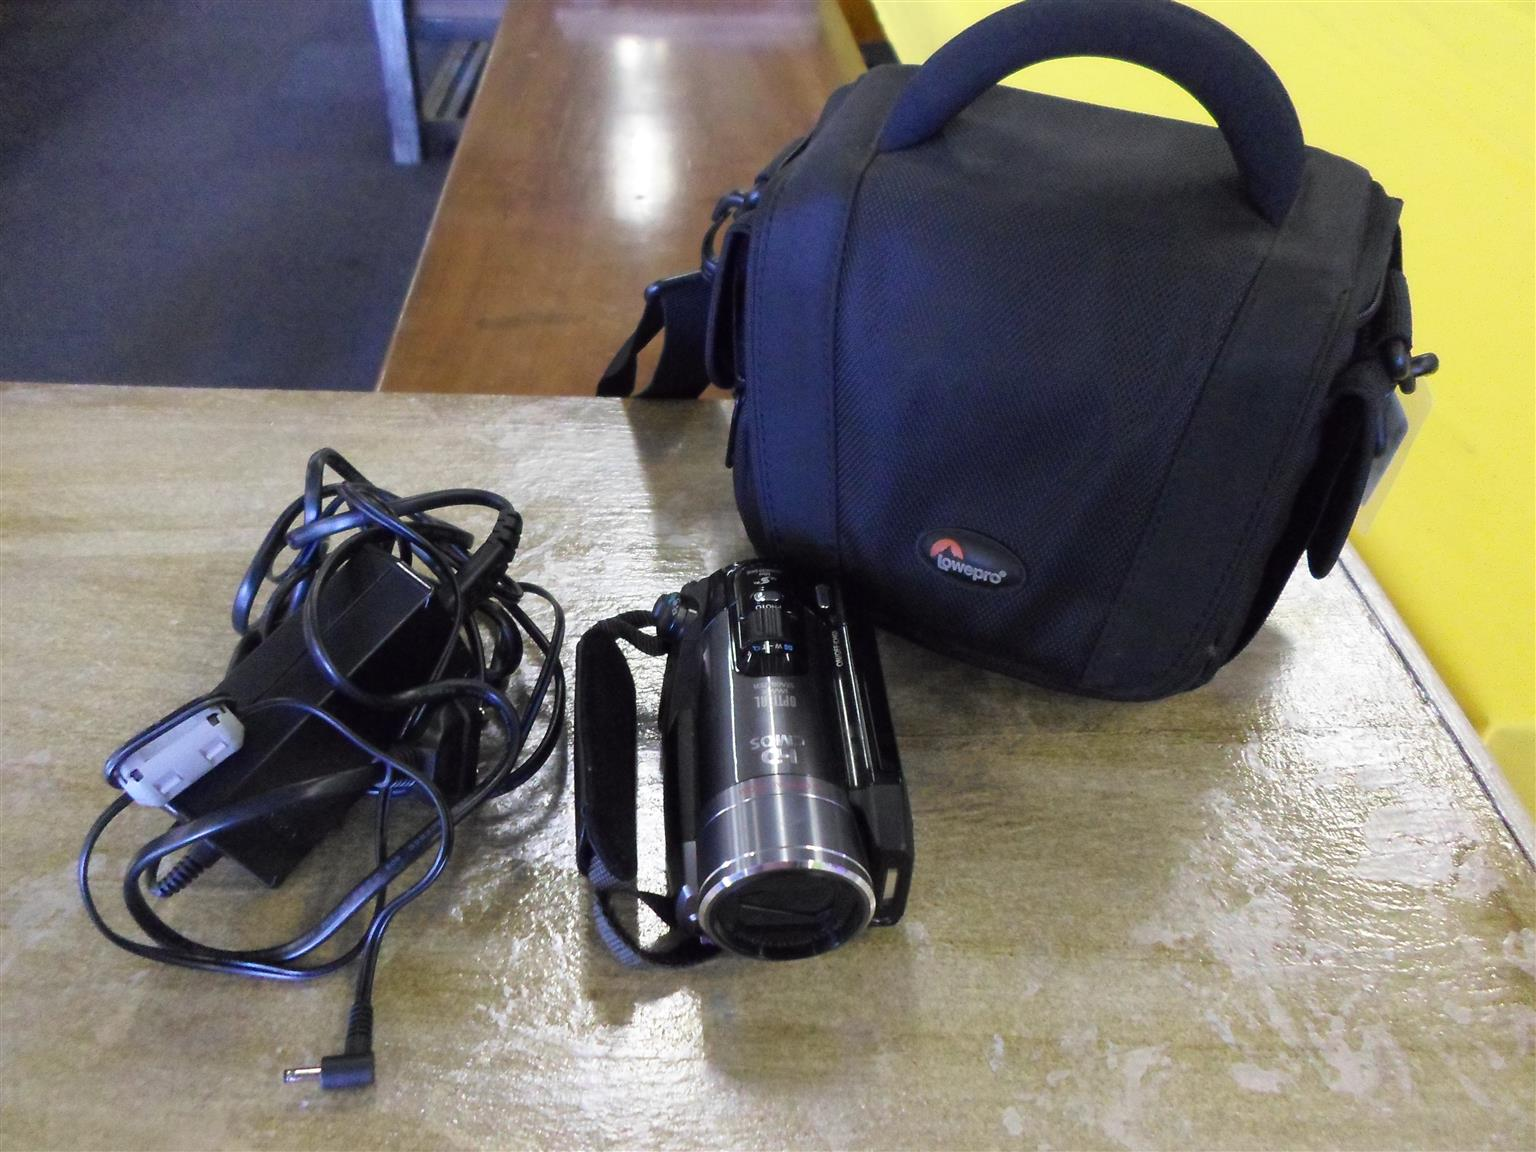 Canon Legria HF200 Video Camera